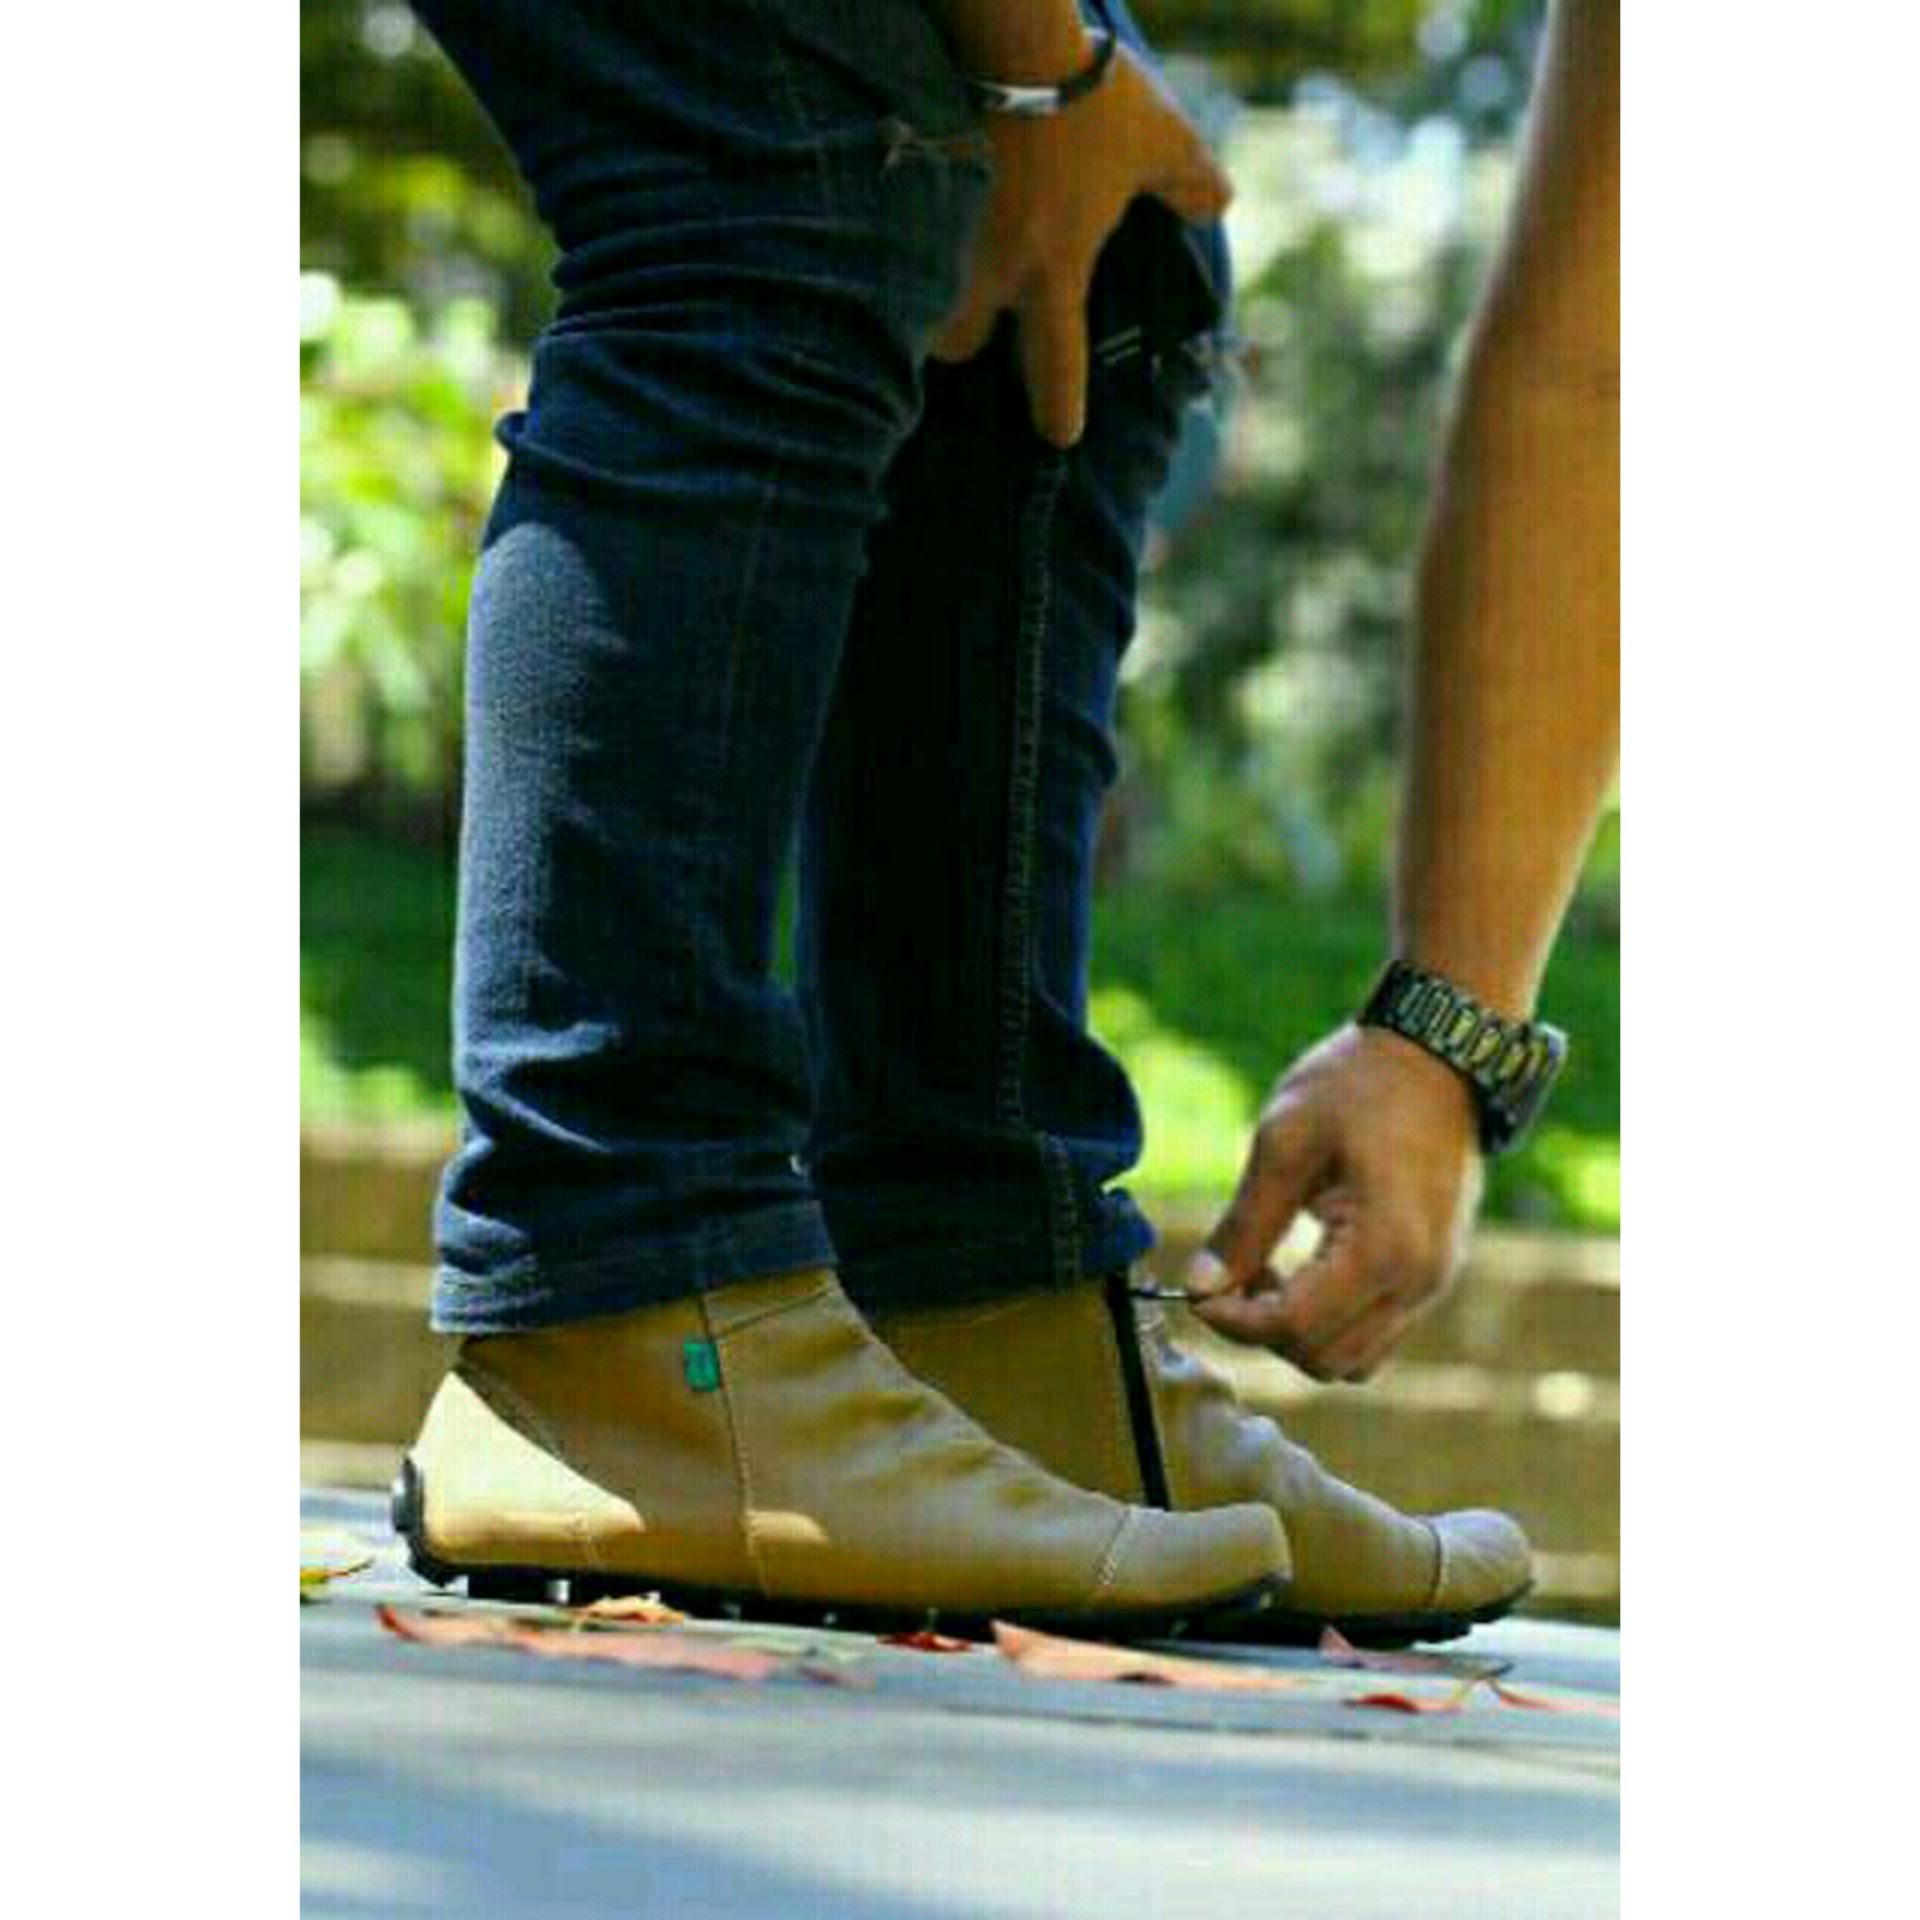 ... Pereda Nyeri Kaki Depan Metatarsal Source · Salvo Sepatu pria denim sepatu pria kasual SC Biru Sepatu Casual Sneakers Kickers Zipper Boots